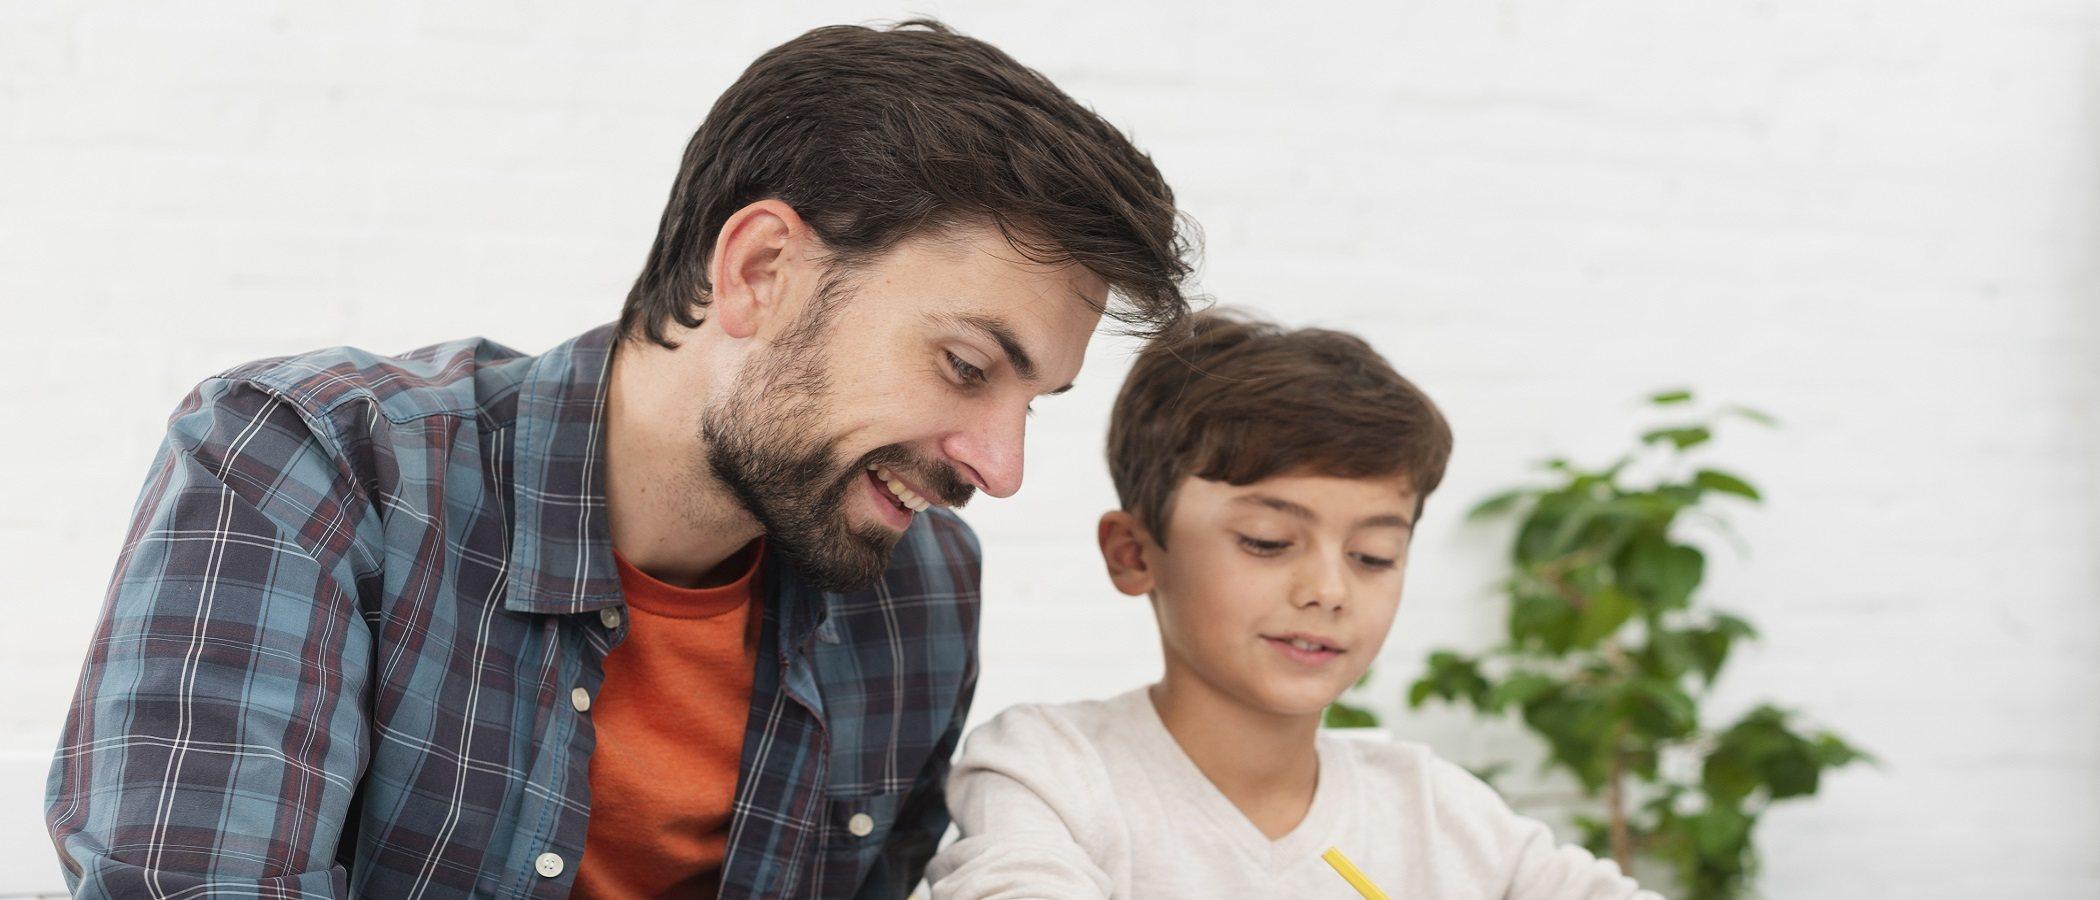 Cómo educar con cariño cuando tu hijo te interrumpe